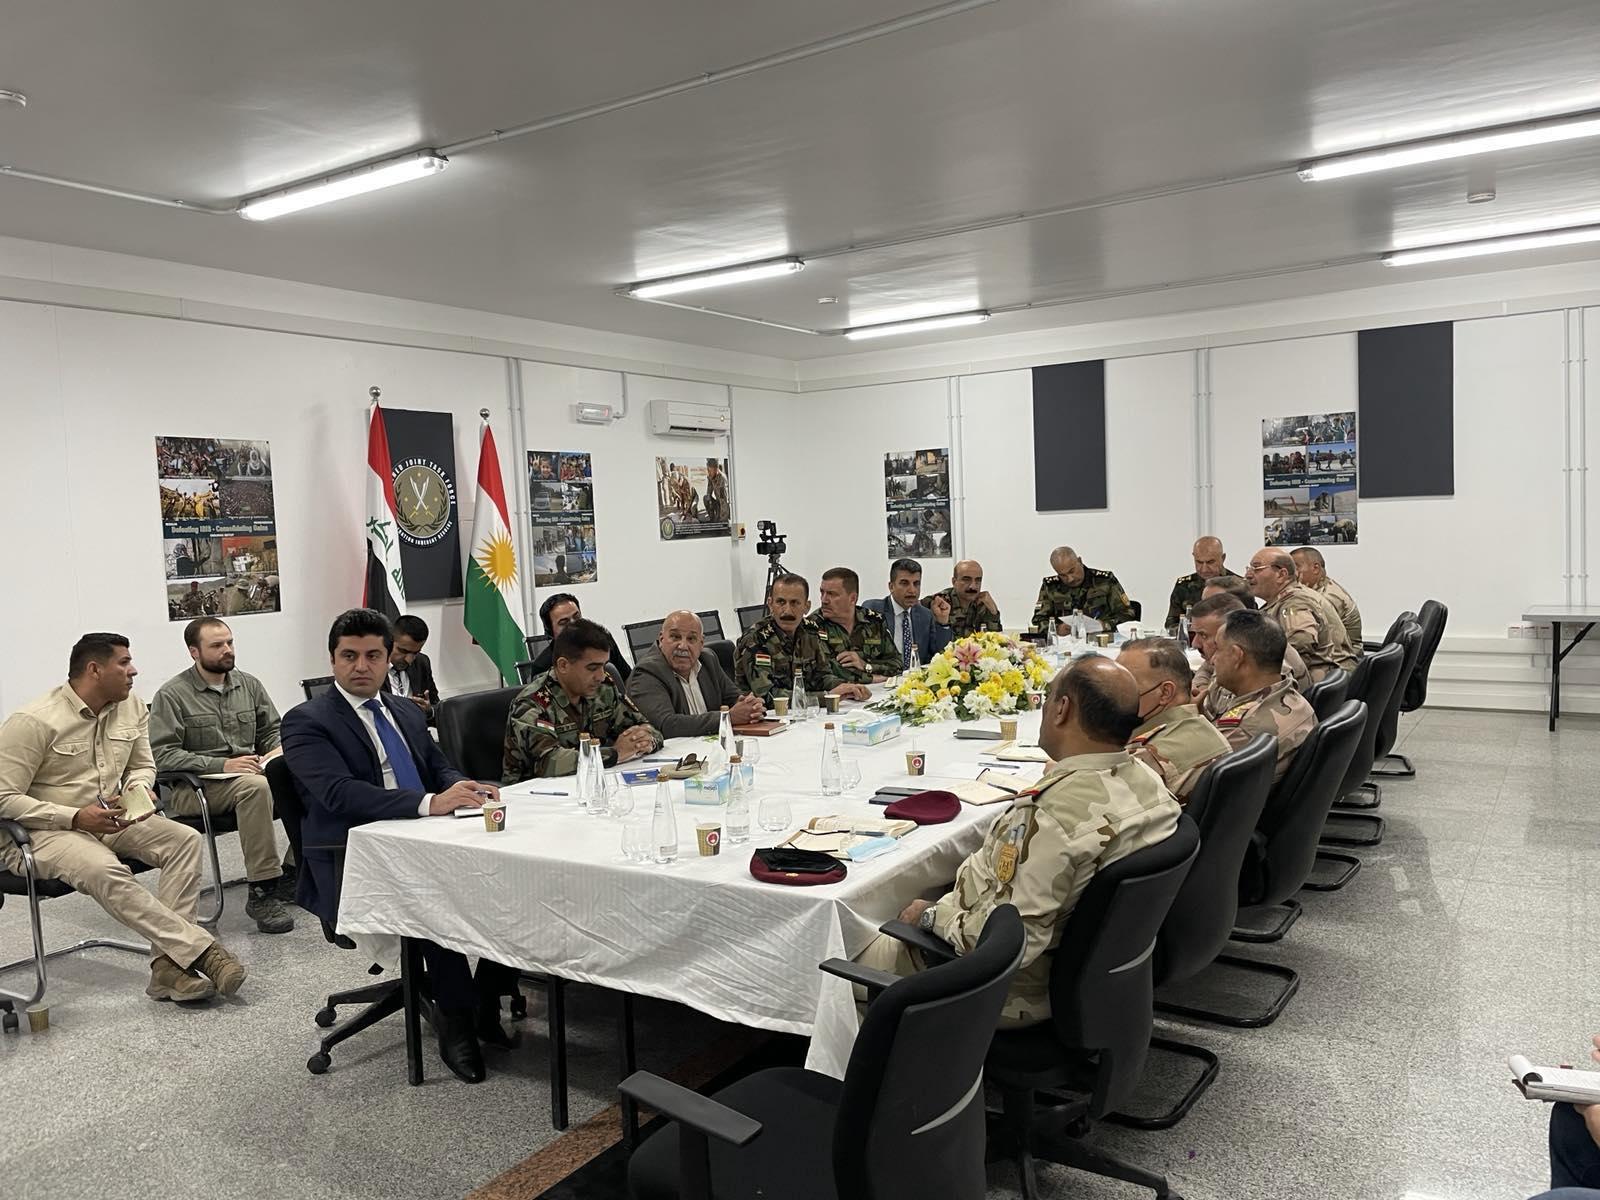 Peşmerge ve Irak arasında Kürdistani bölgeler toplantısı!